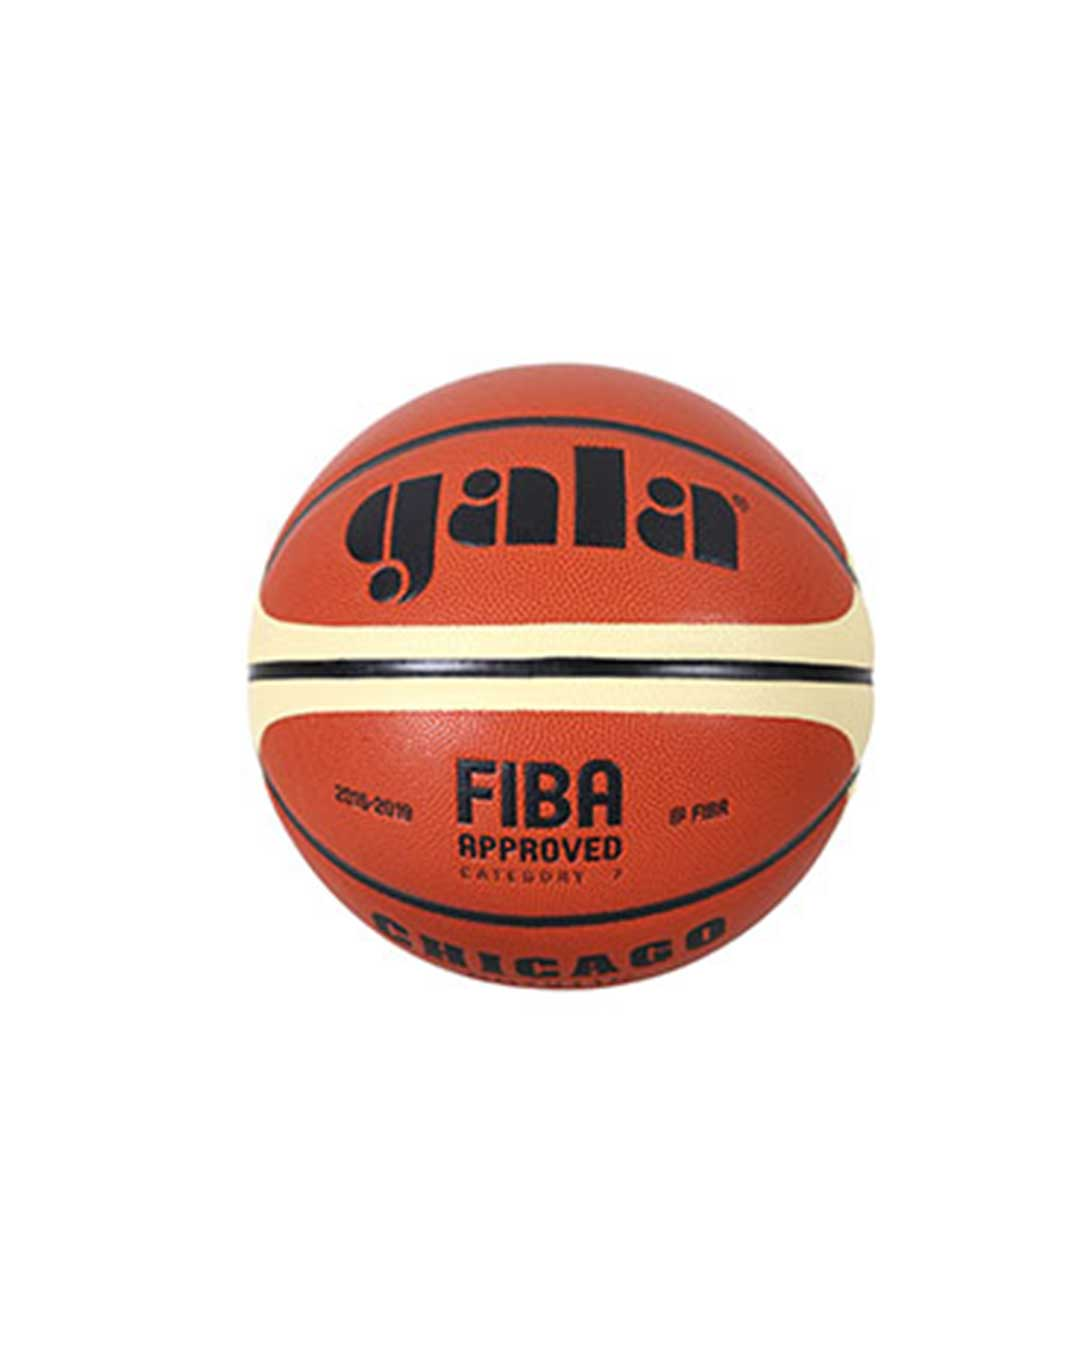 Balón básquetbol modelo Chicago N° 7 - Certificado FIBA